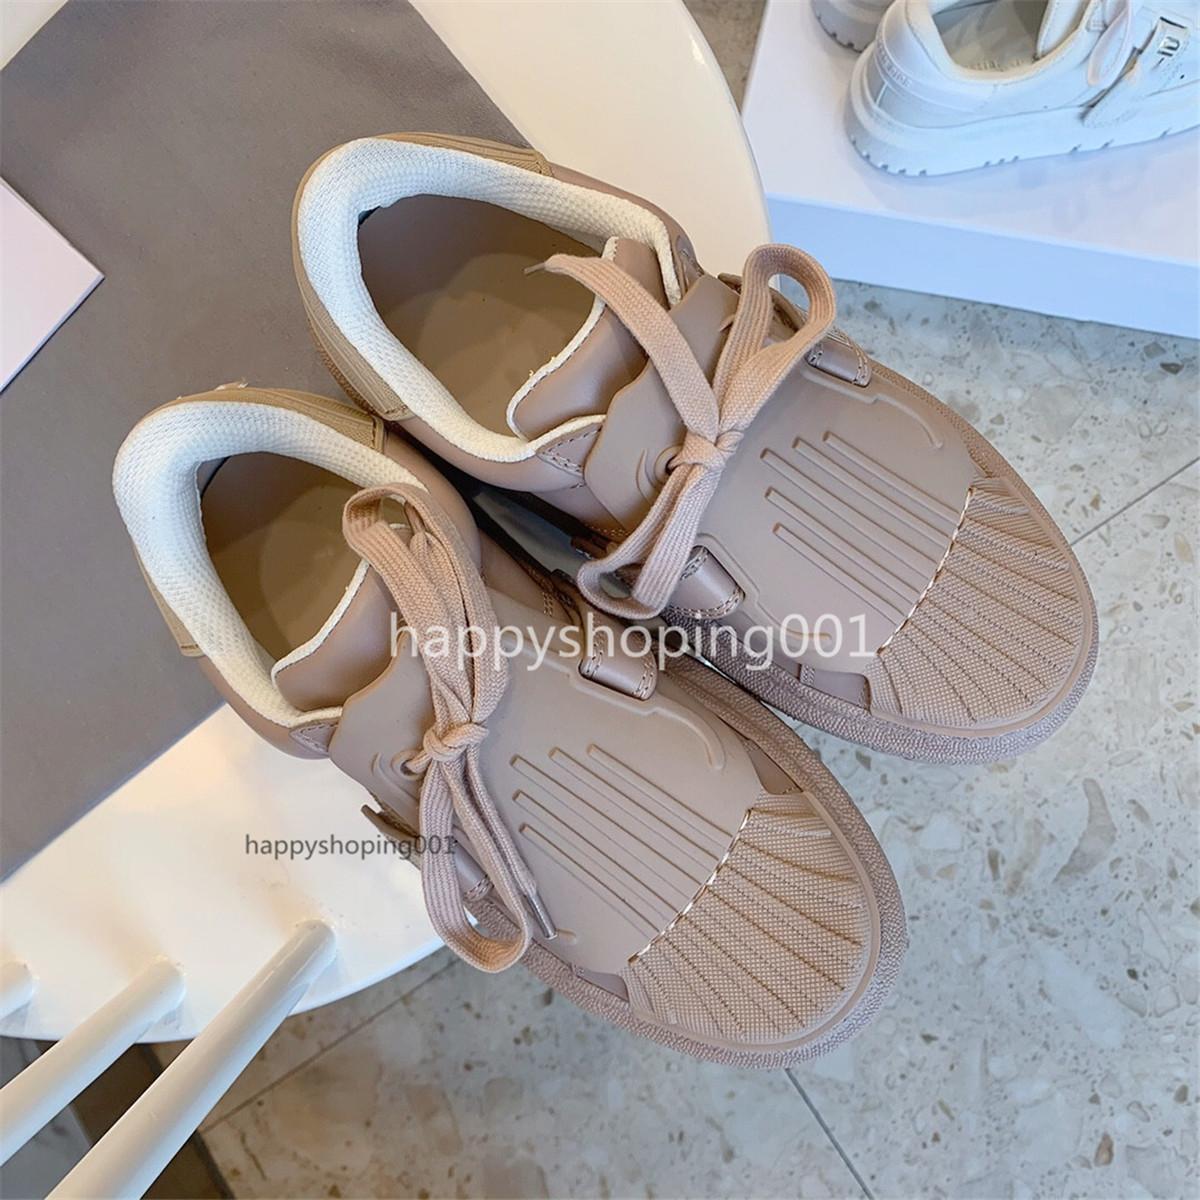 أحذية سوبرت عالية الجودة مع جلد حقيقي الأزياء ايس حذاء رياضة المرأة عارضة الأحذية متعددة الألوان الحجم 35-40